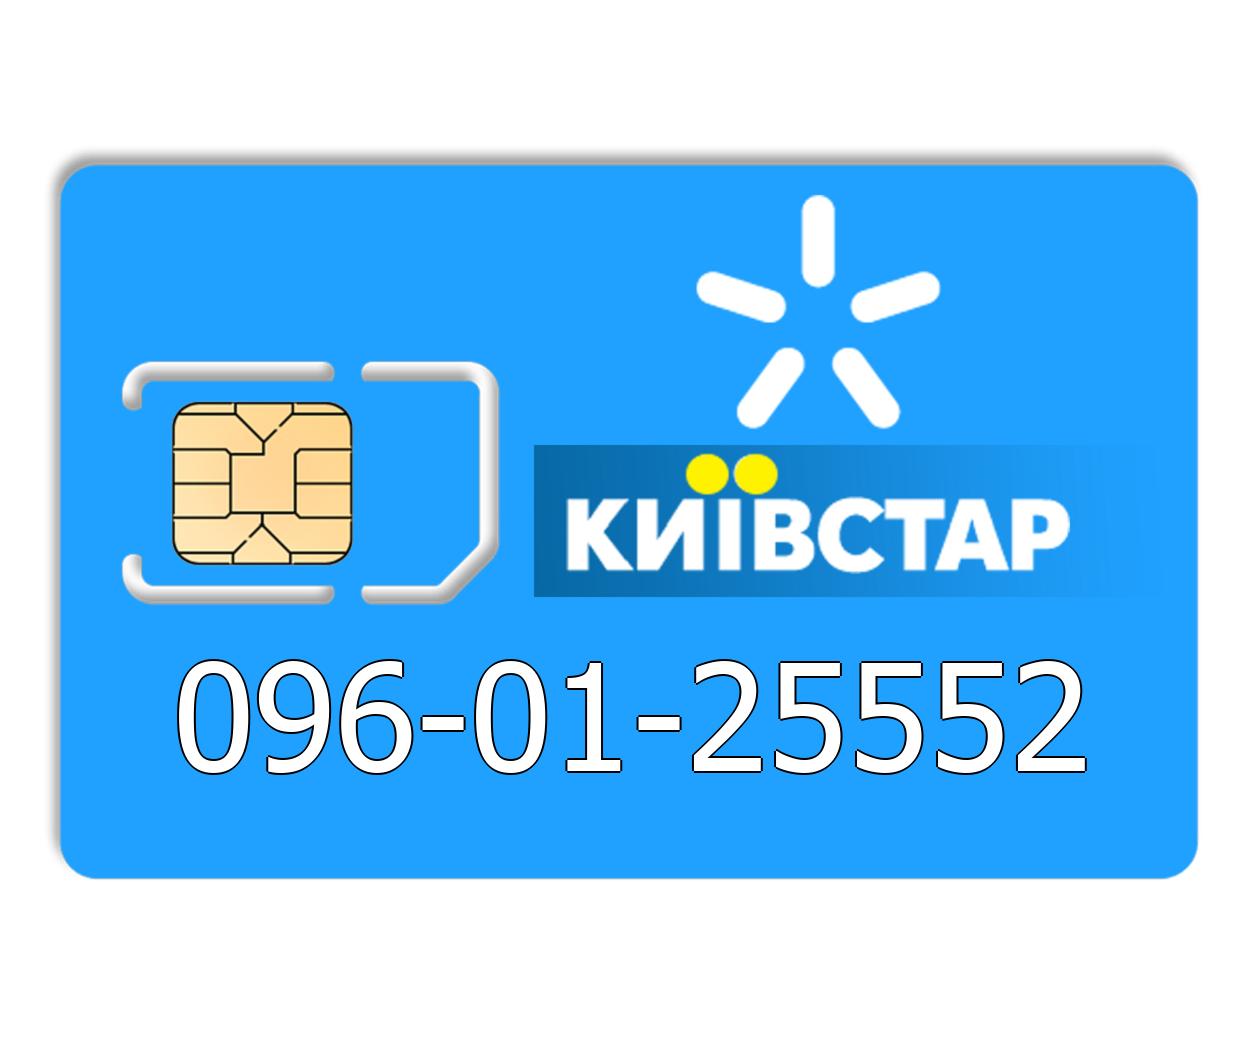 Красивый номер Киевстар 096-01-25552